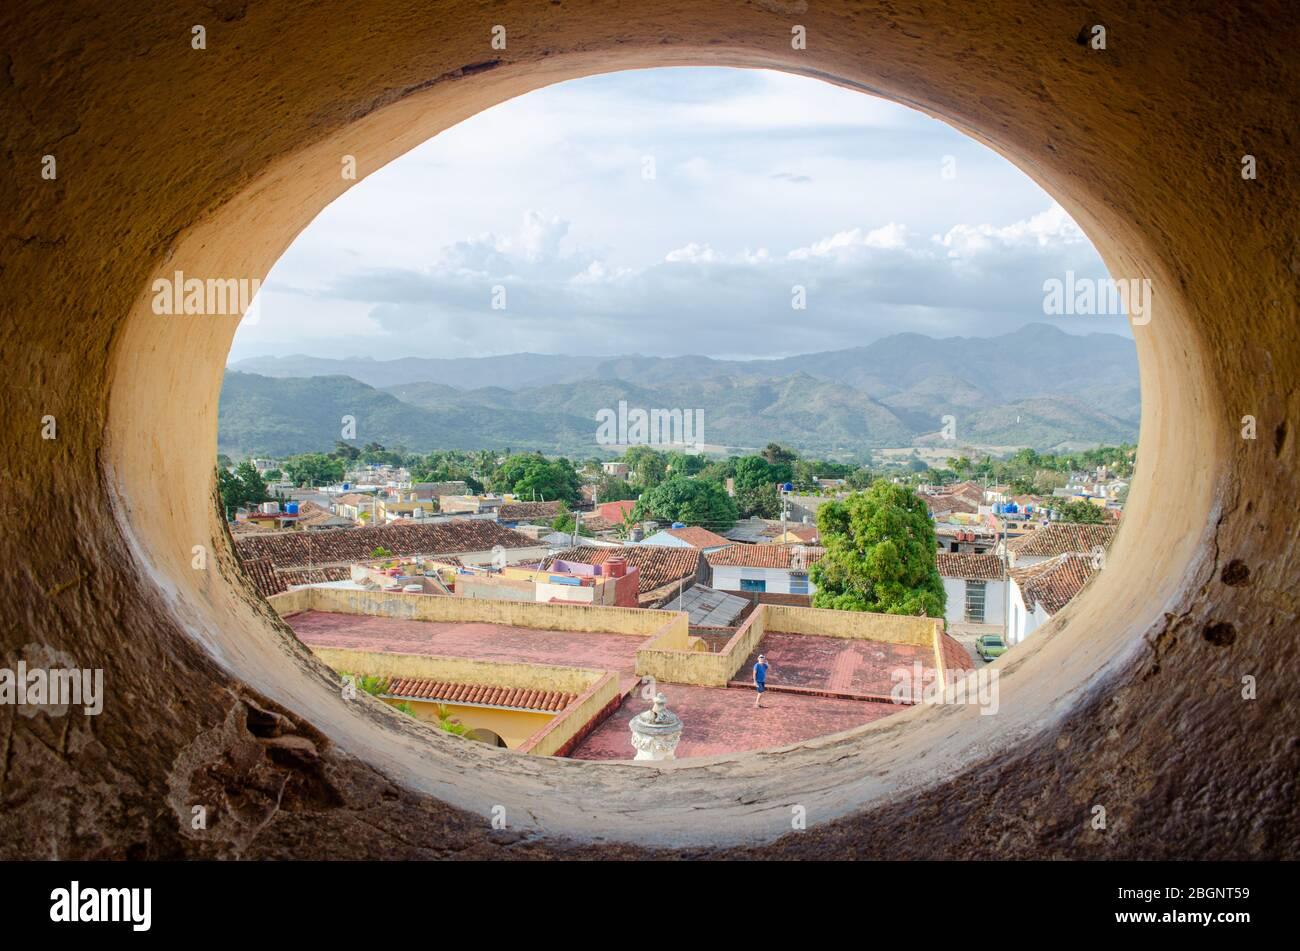 Vista del paisaje de Trinidad y las montañas Escambray vista desde la cima del campanario en el 'Museo Nacional de la lucha contra Bandidos'. Foto de stock